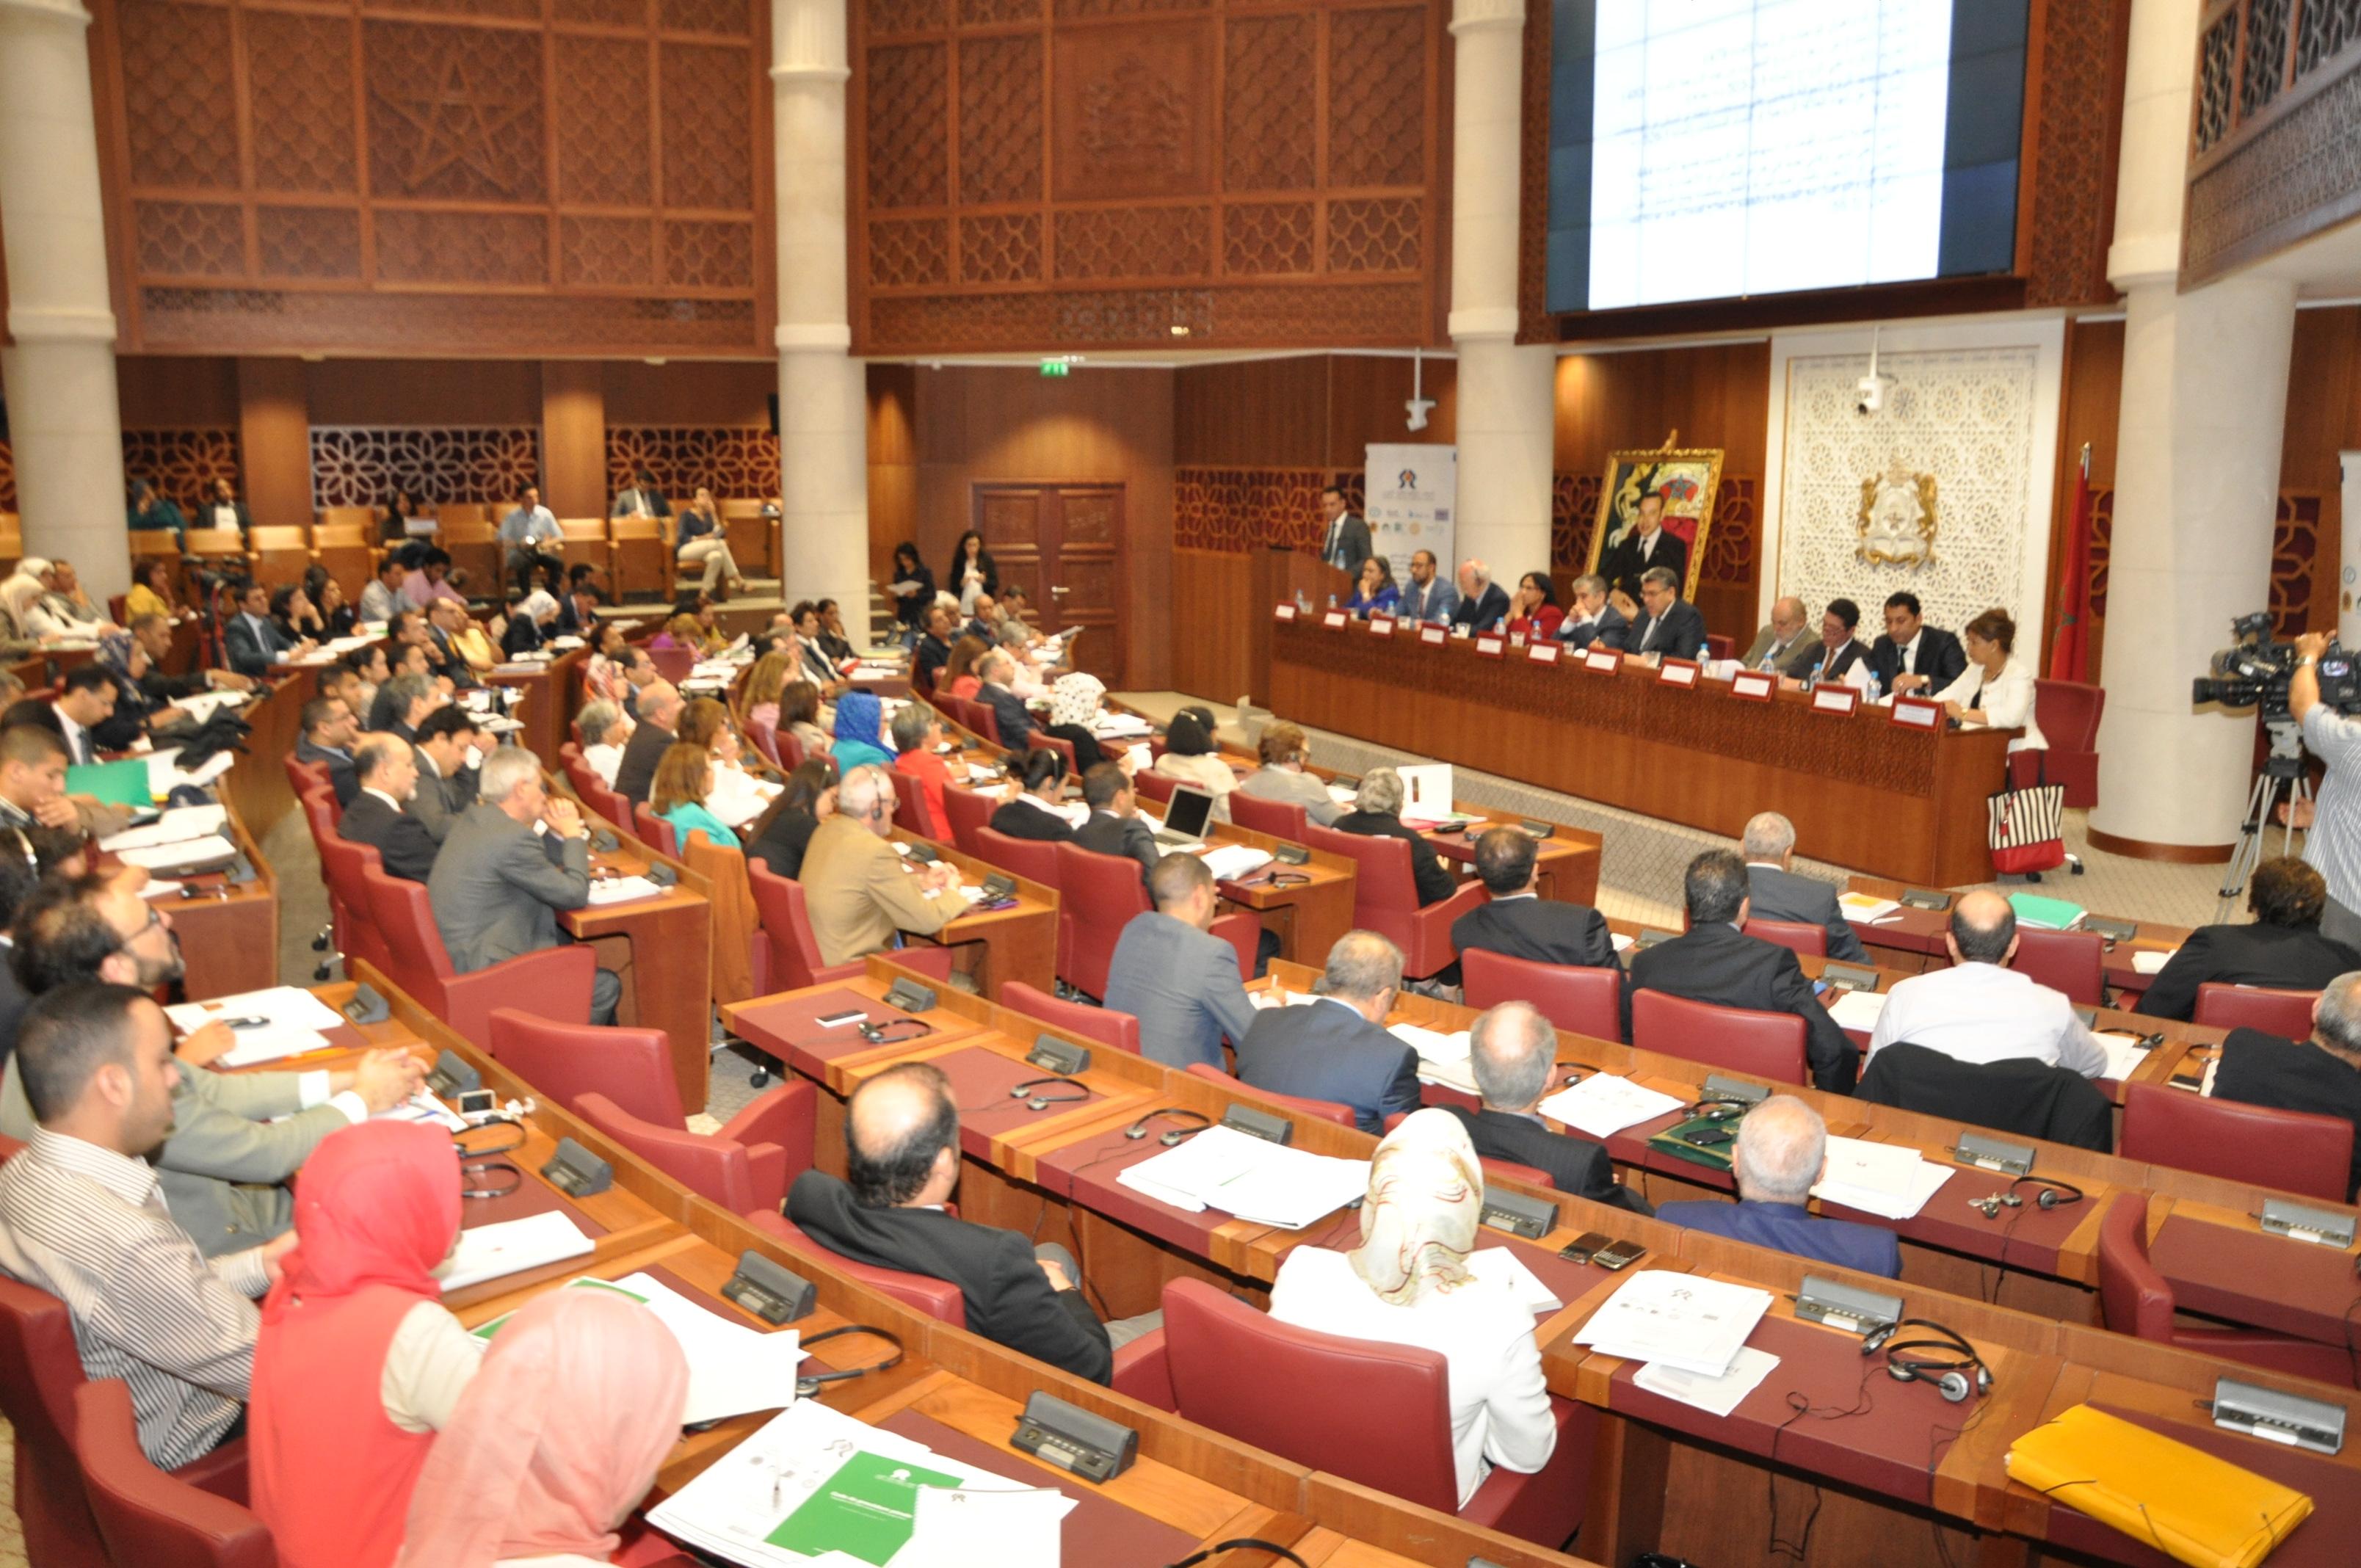 تقرير الجلسة الإفتتاحية لندوة المجلس الوطني لحقوق الإنسان حول القانون الجنائي والمسطرة الجنائية رهانات وإصلاح بمقر مجلس النواب